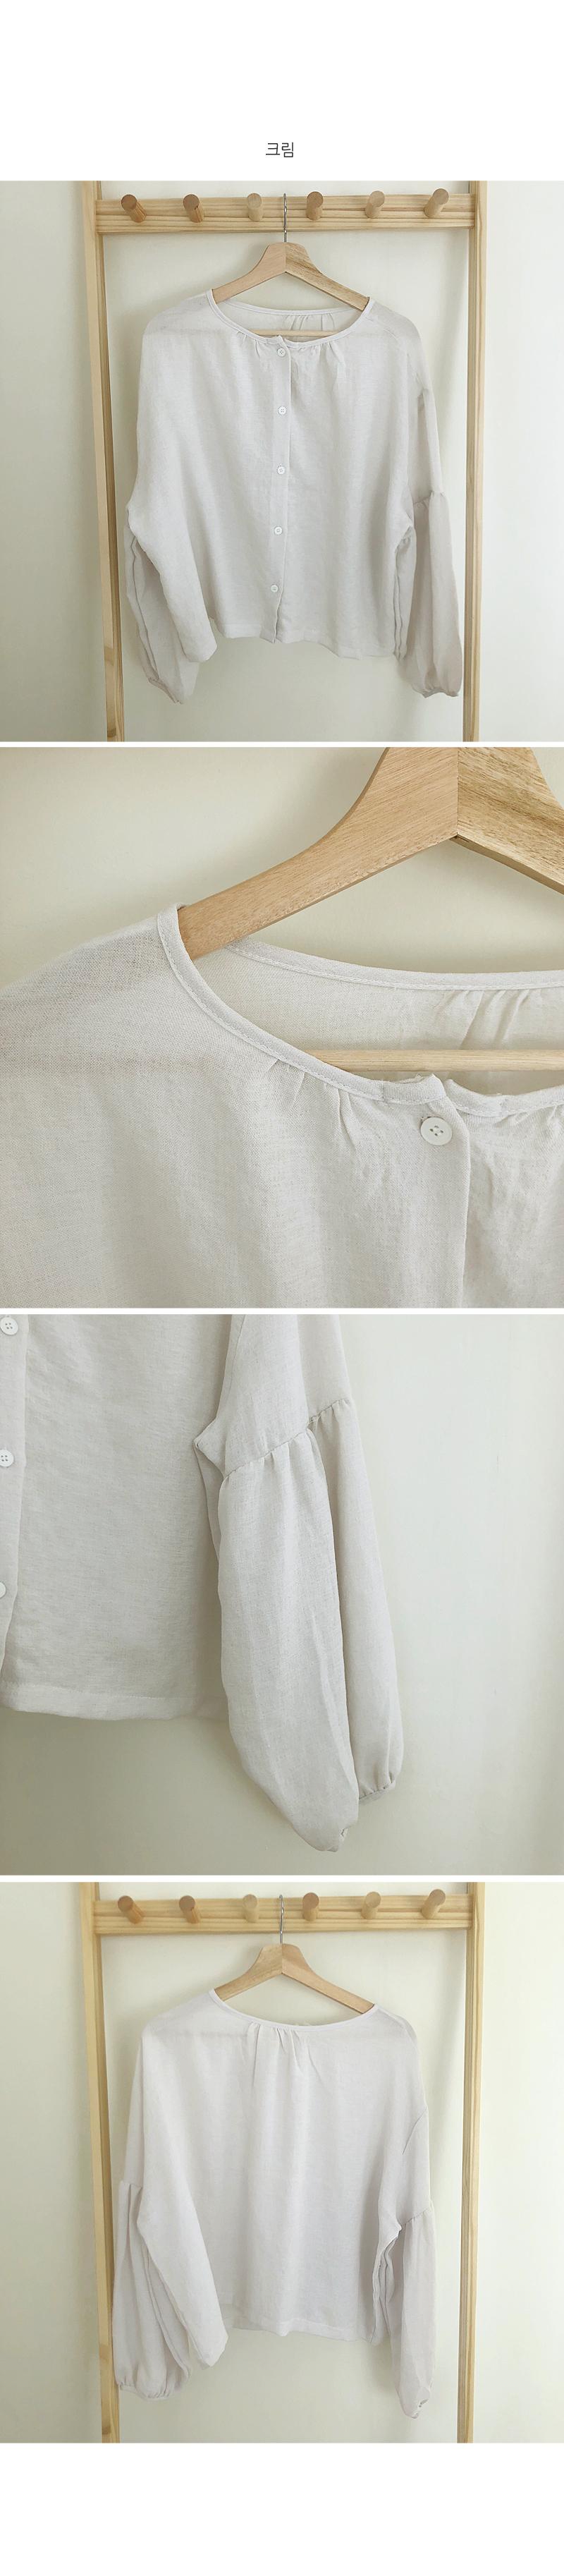 Yojo natural blouse